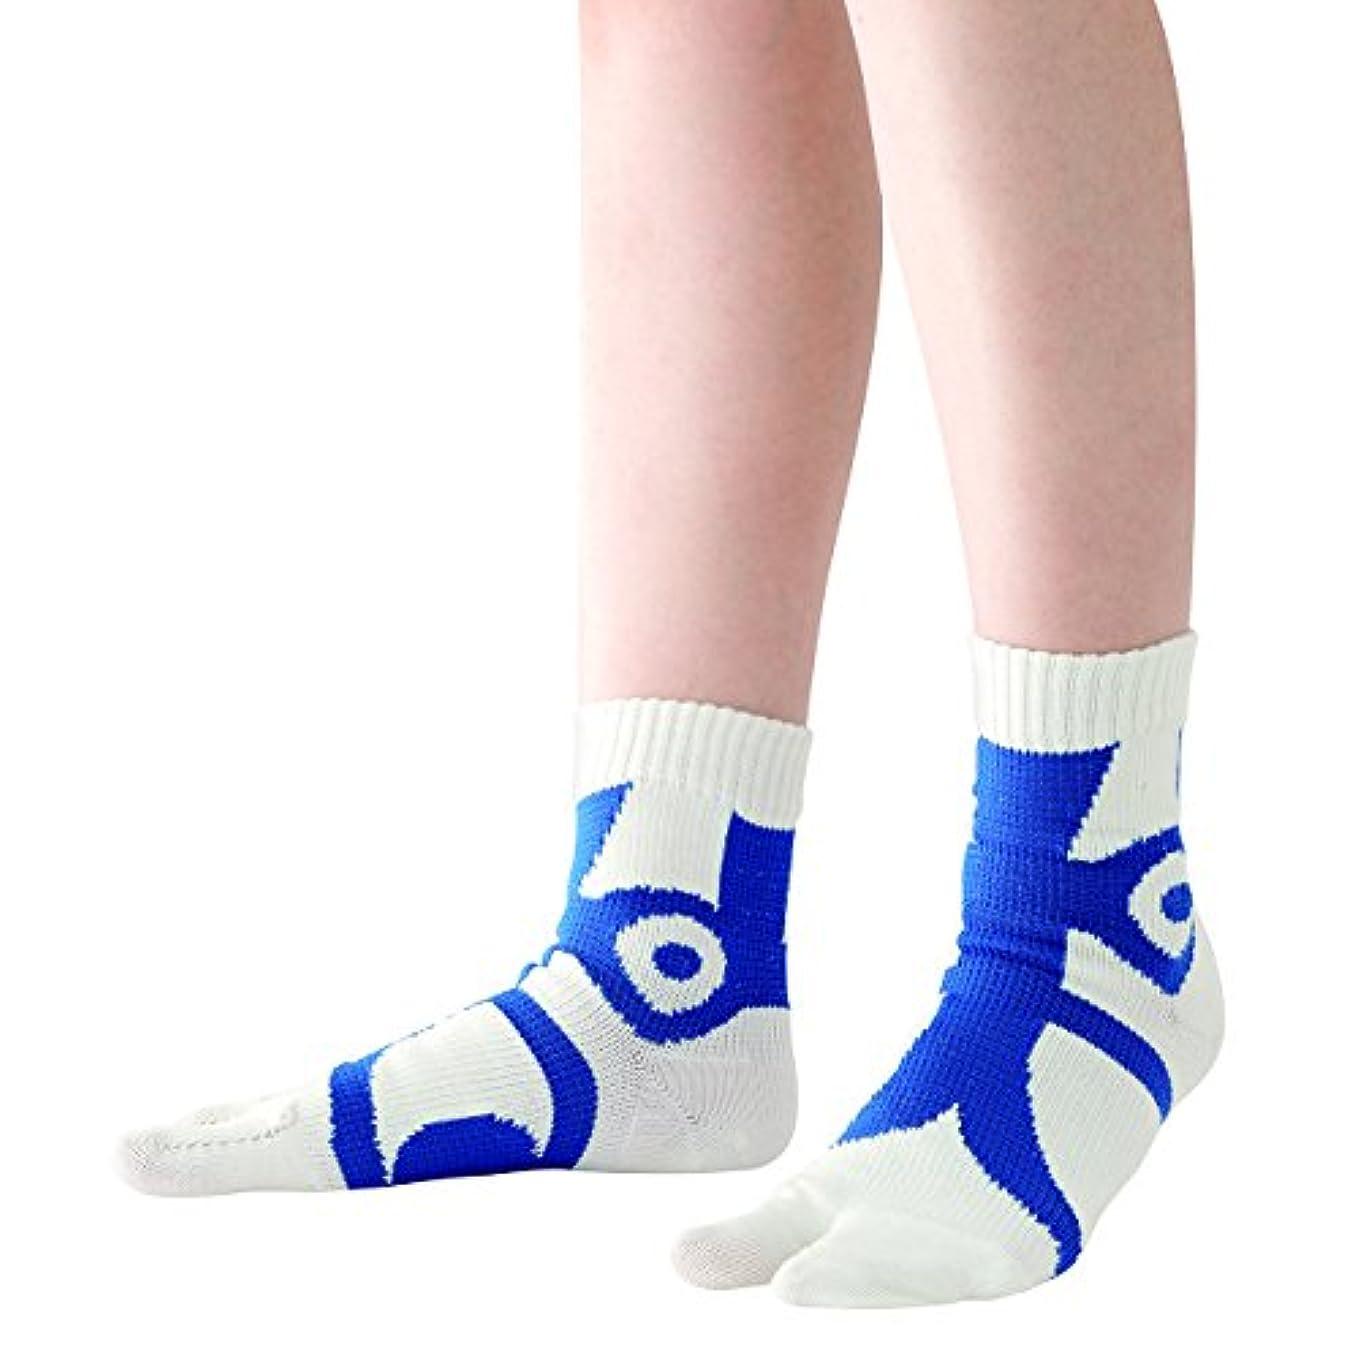 演じる注ぎます正直快歩テーピング靴下 ホワイト×ブルー